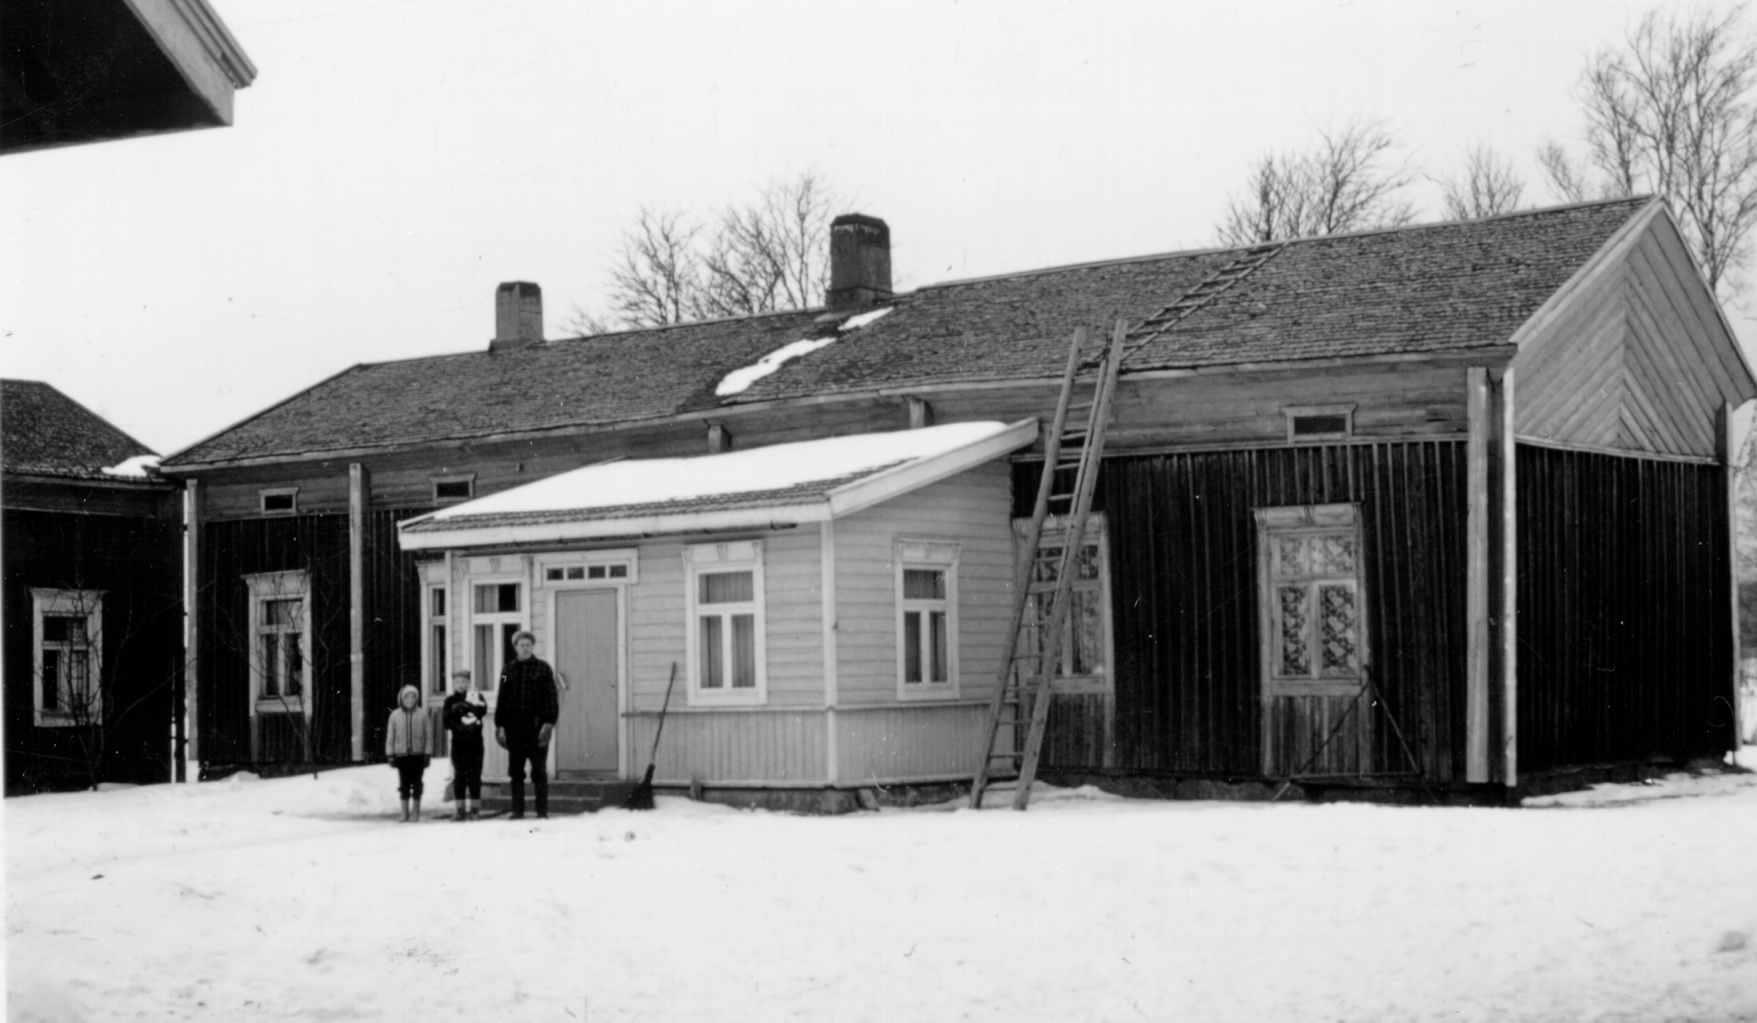 """Den här gården på Sunnantillvägen 59 byggdes av Erik Henrik Lillkull men övertogs av systern Anna Lena och hennes man Matts, som var född i Lappfjärd. Gården övertogs sedan av deras son """"Pelas-Josip"""" Josef (1851-1917) och sedan av Josefs son """"Pelas-Jåhan"""" Johan Lillkull (1884-1957) och sedan av """"Pelas-Kal"""" Karl Lillkull (1923-1997)."""